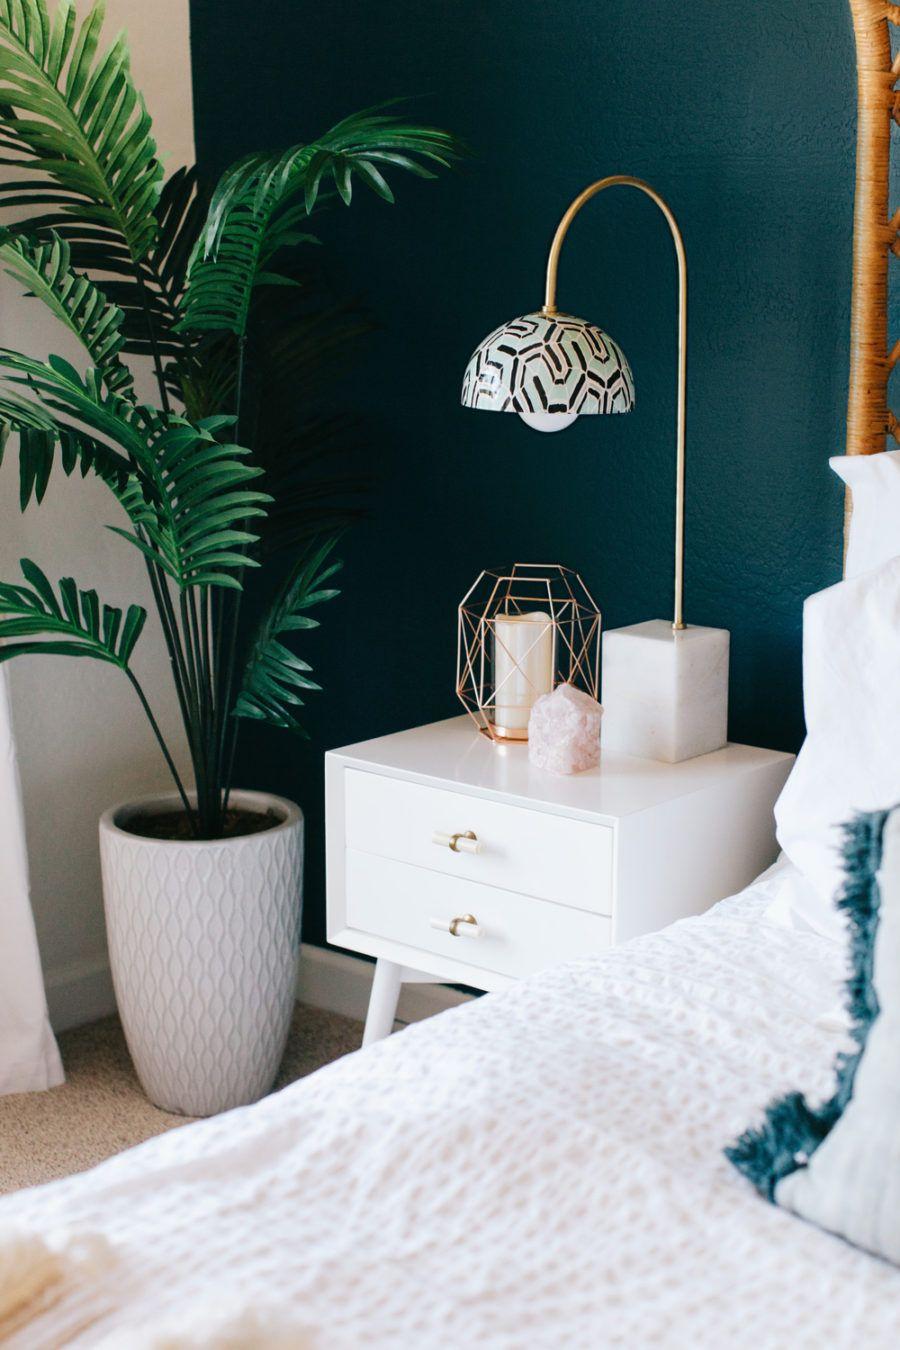 Stilvolle und zeitgemäße Ideen für die Begrünung von Innenräumen